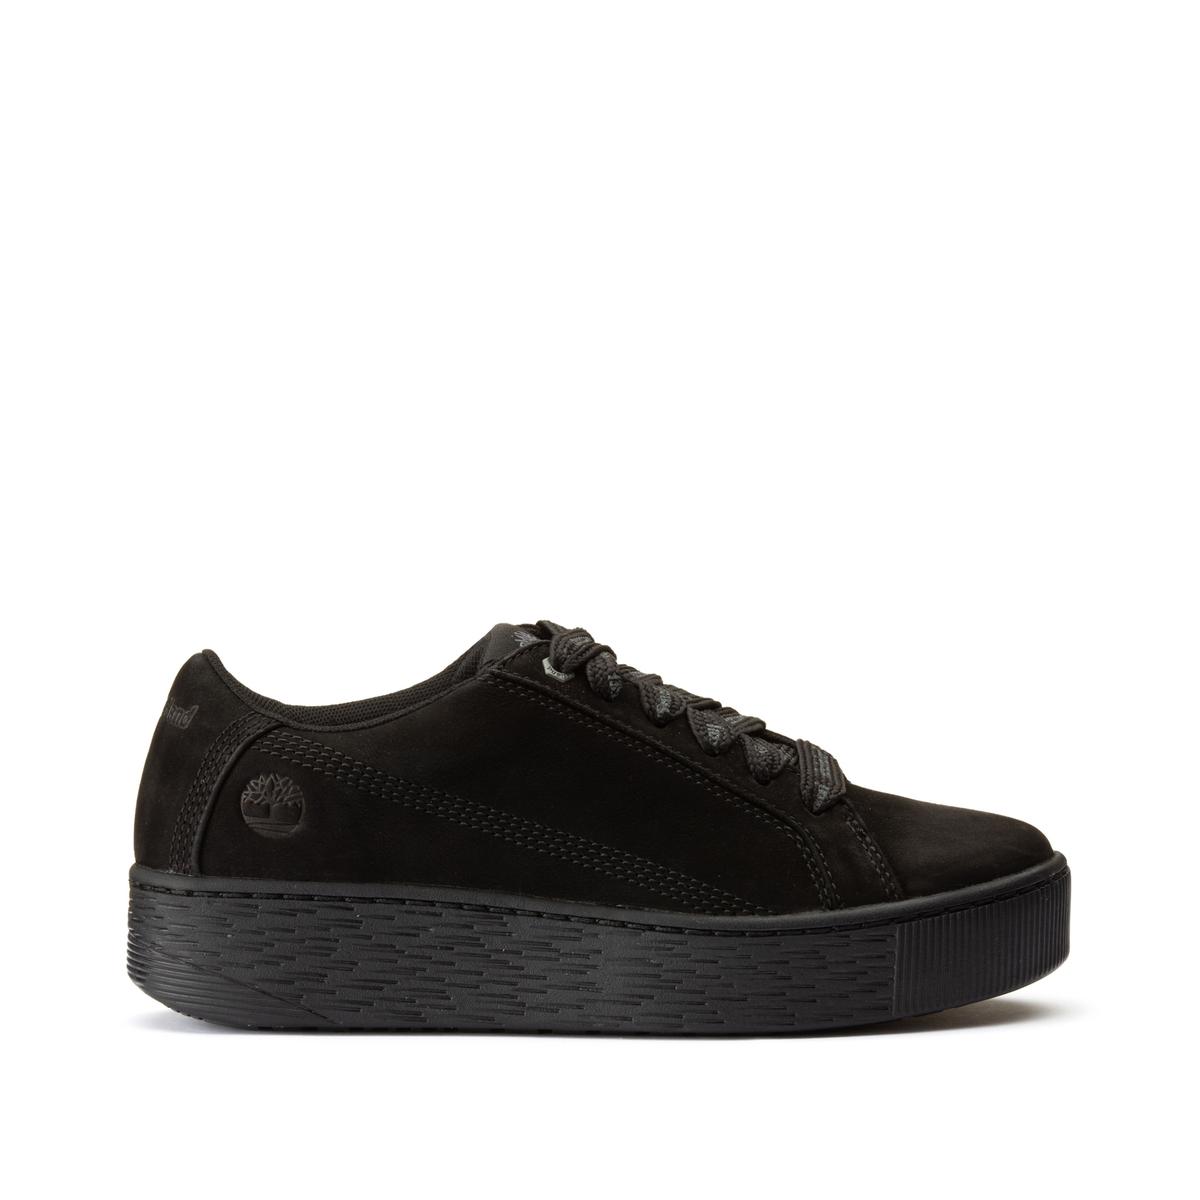 Zapatillas de piel Marblesea Leather Sneaker